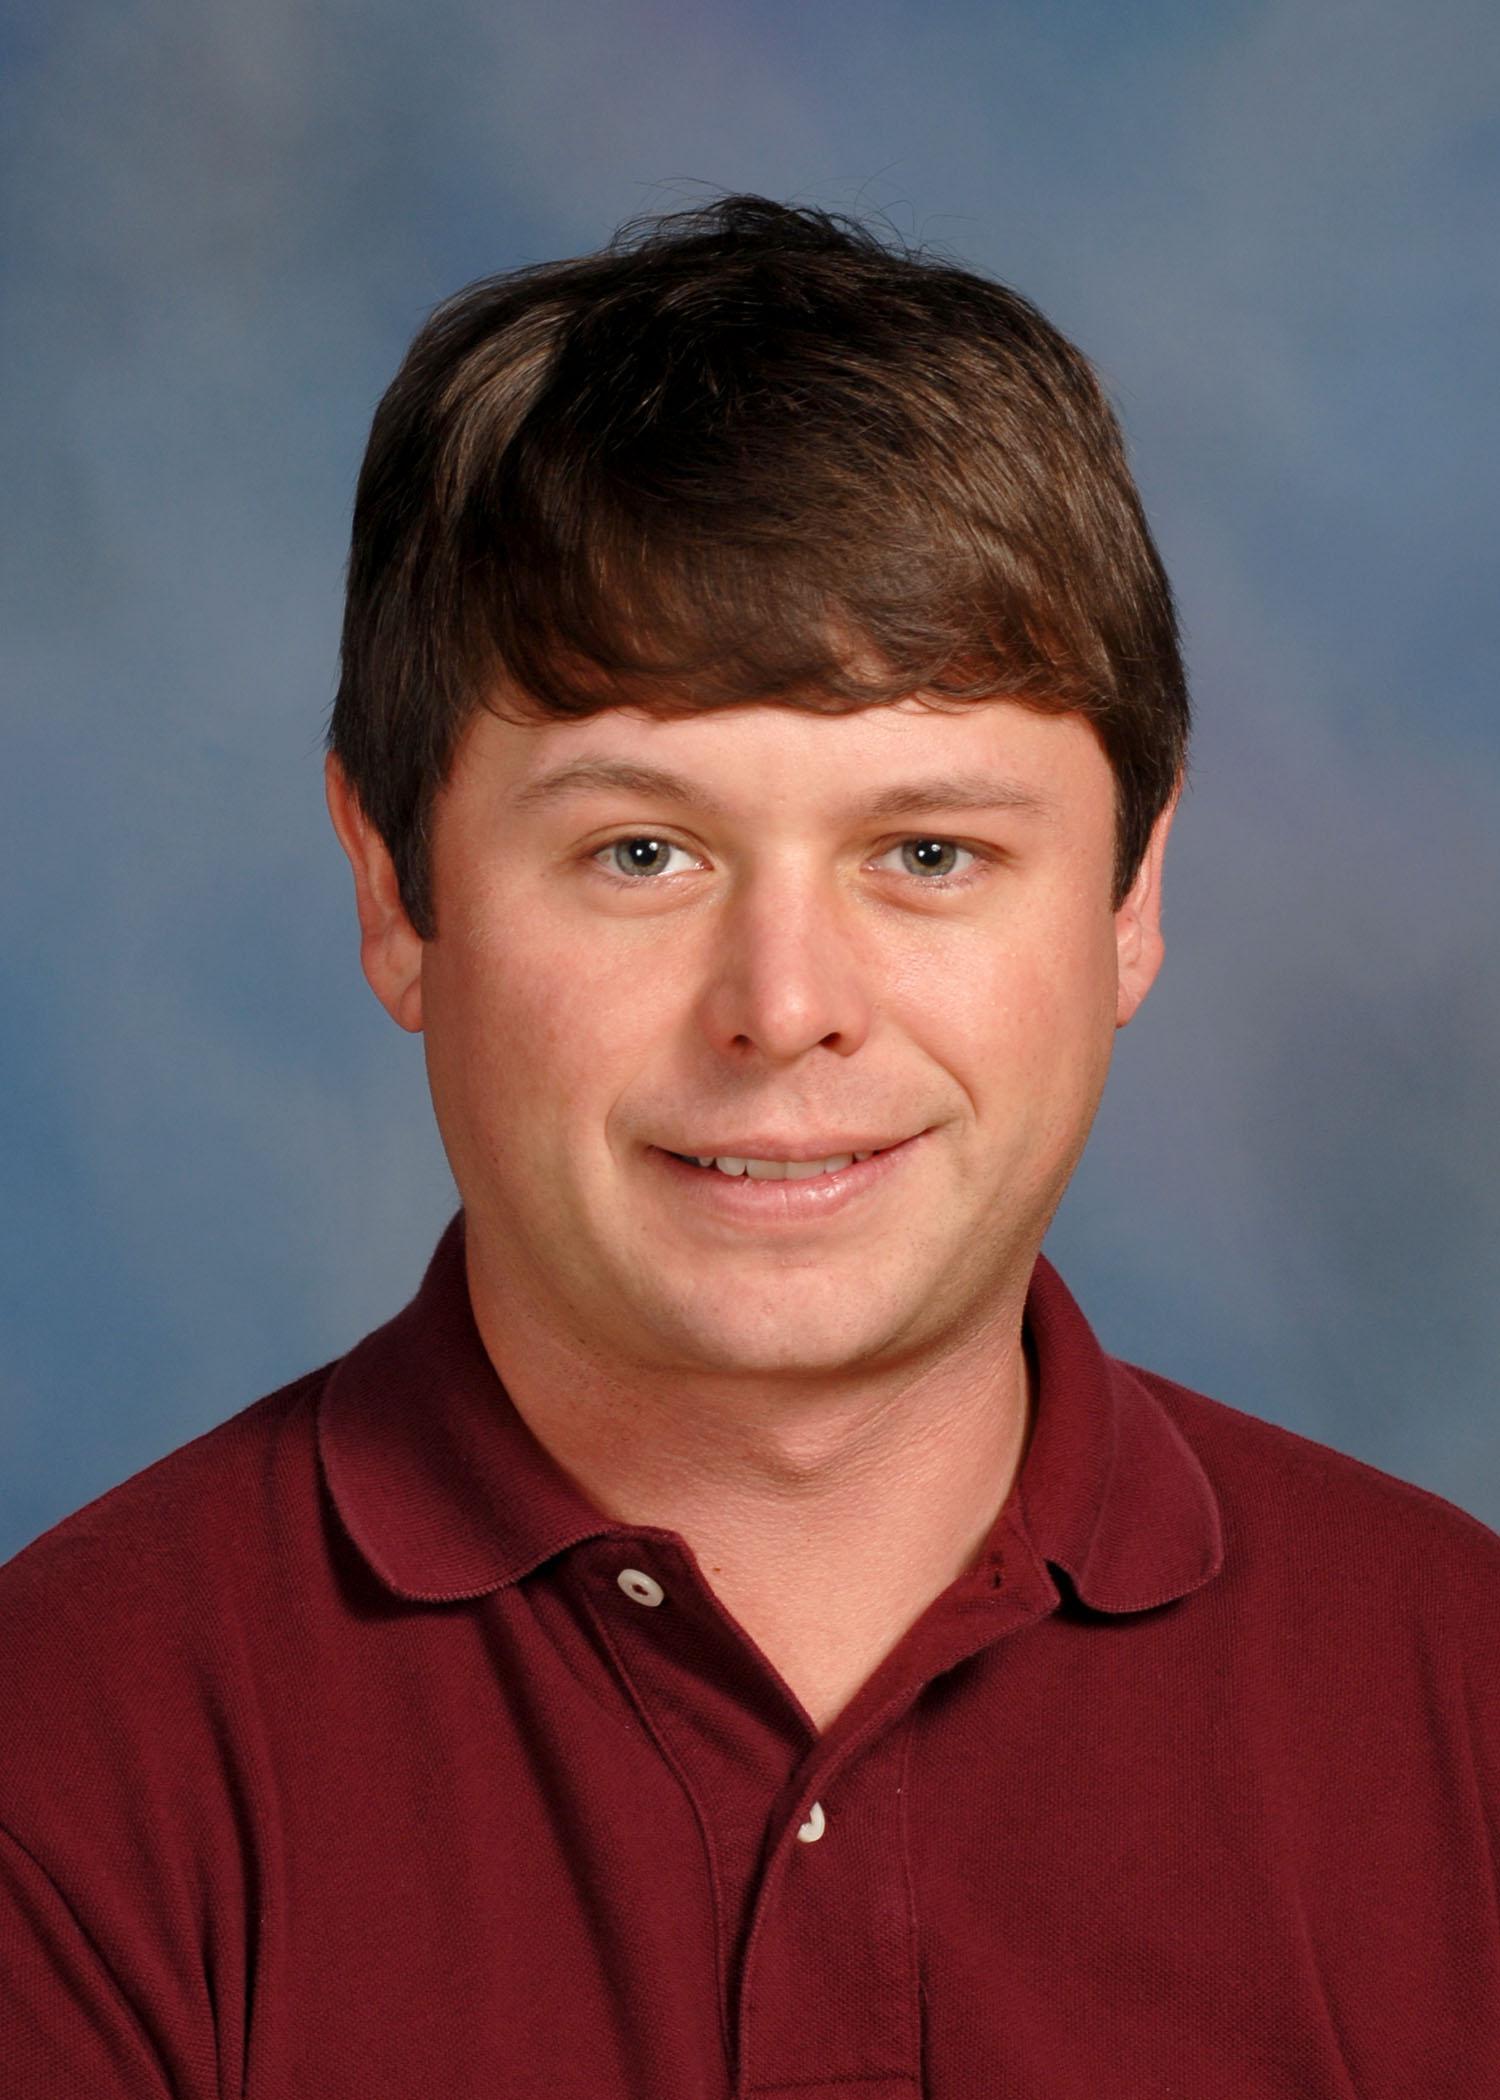 Kyle Briscoe